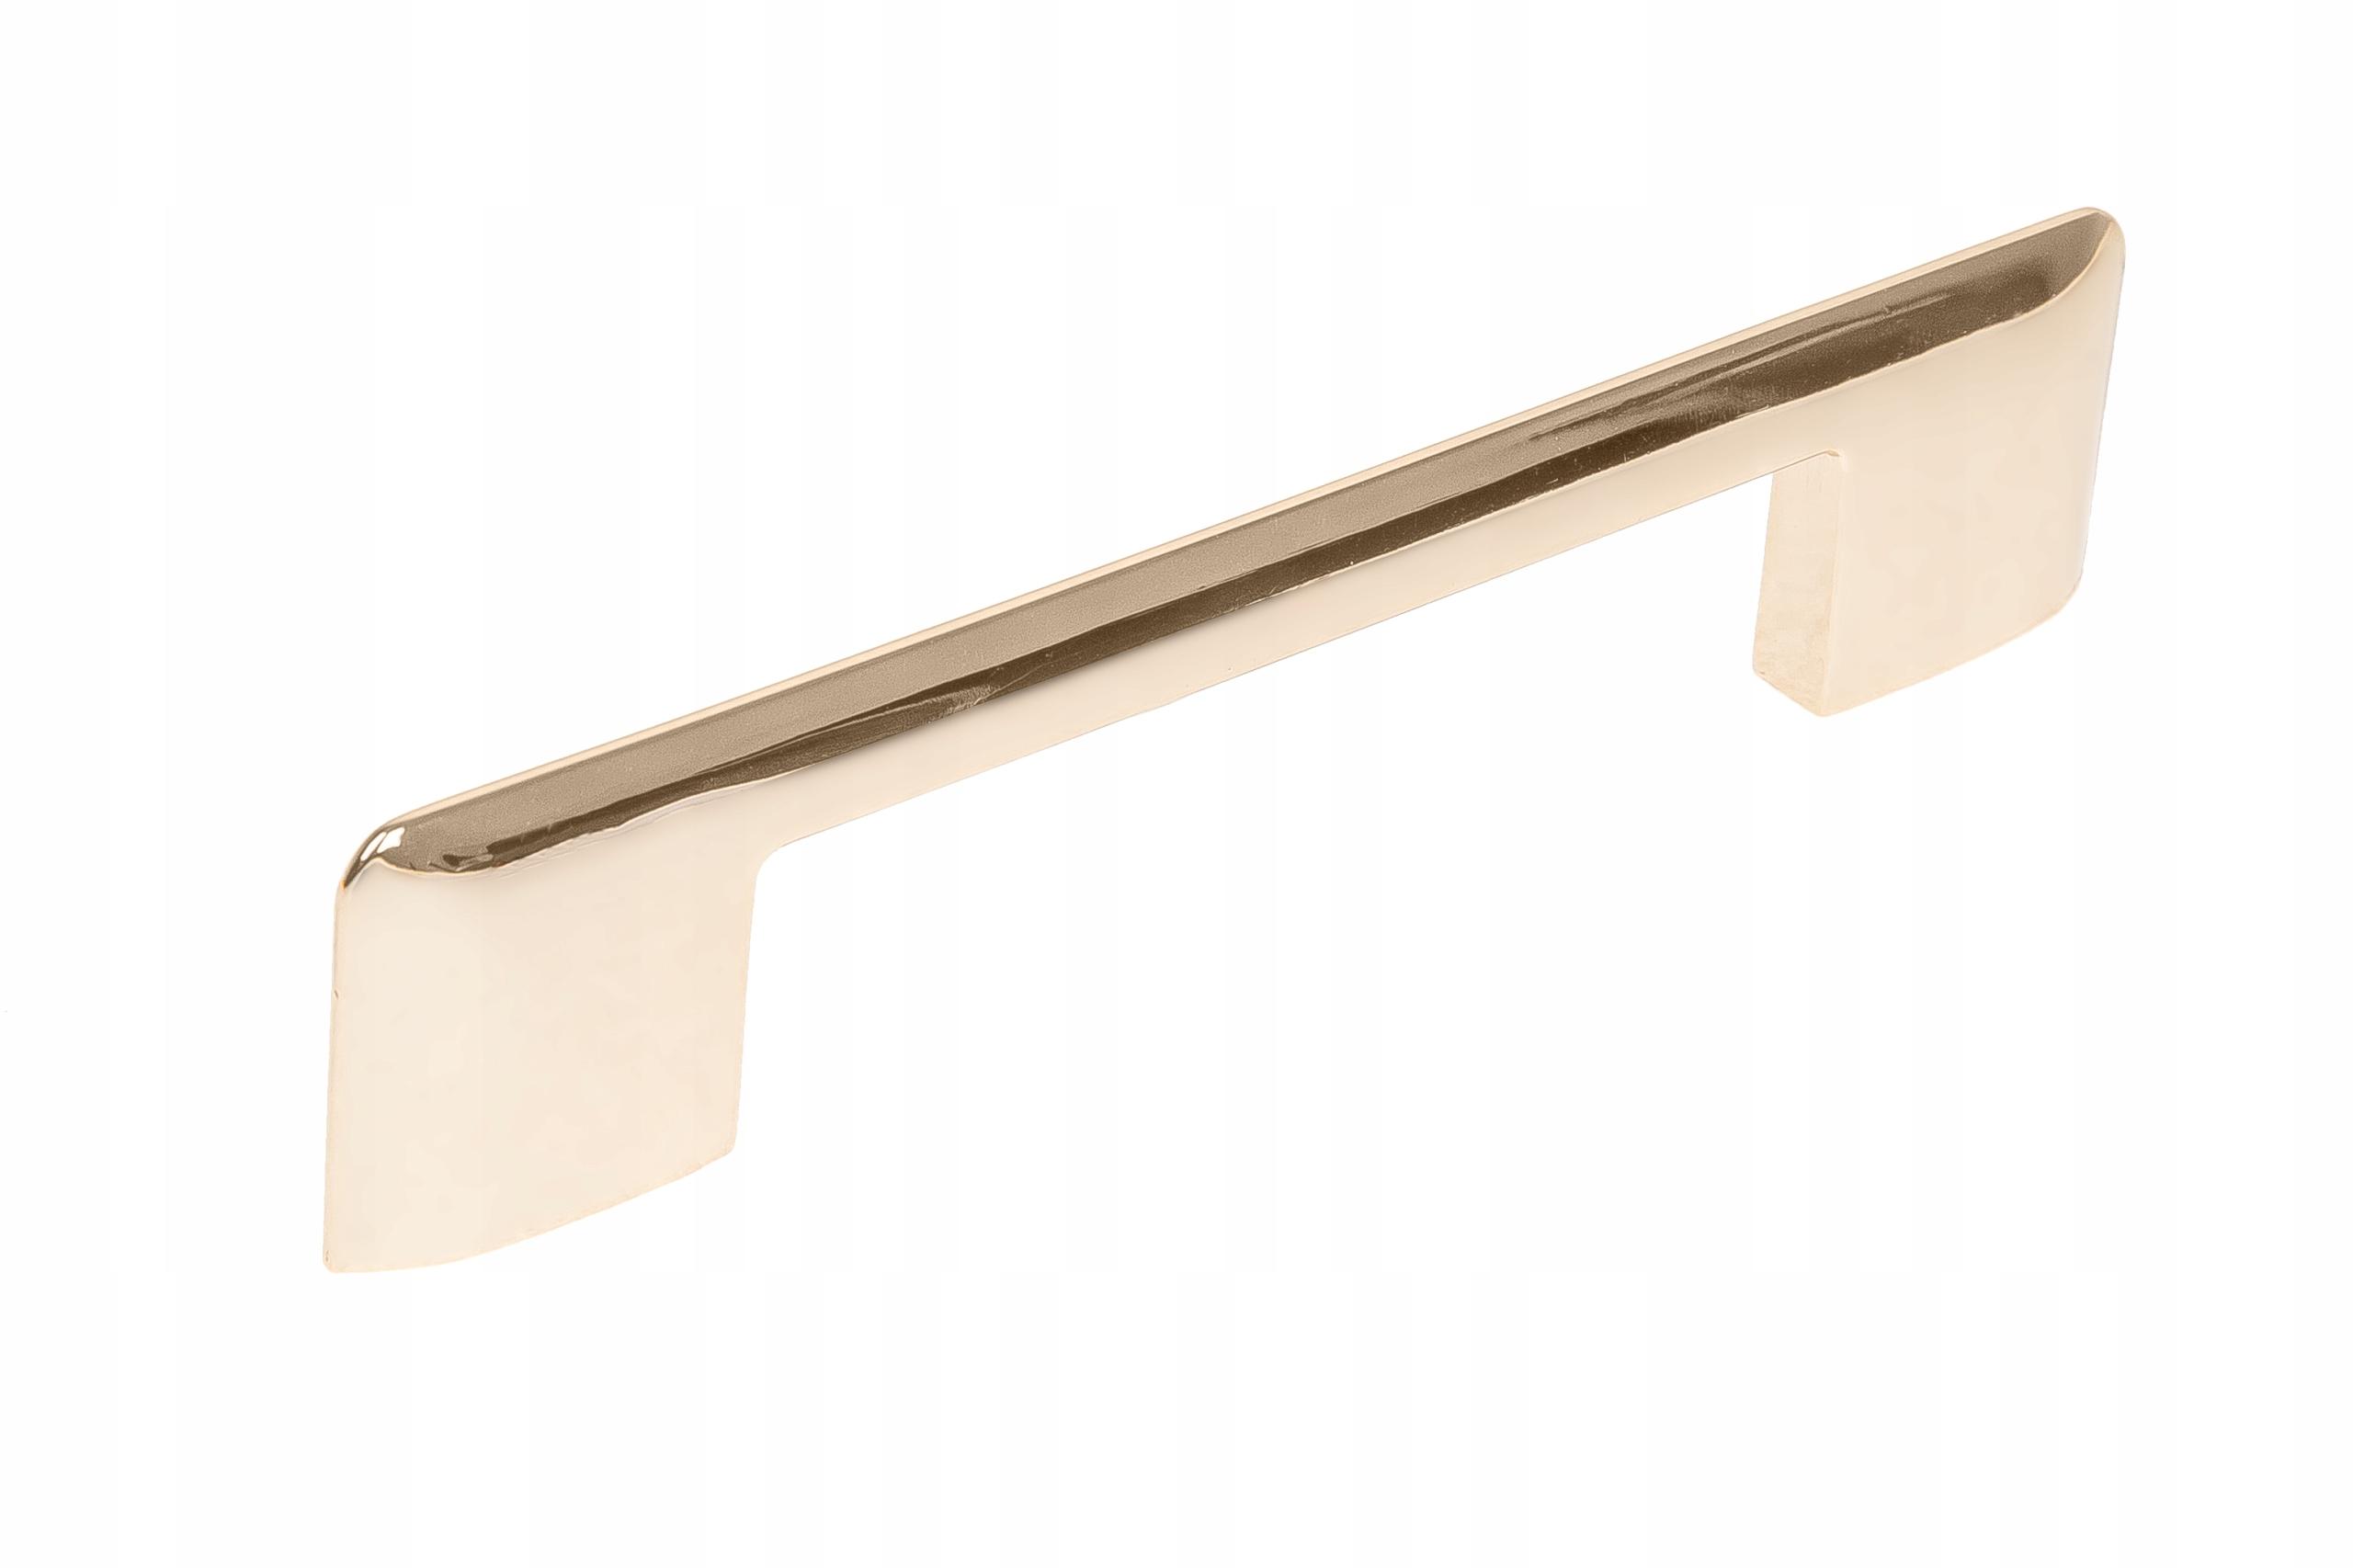 Ручка мебельная RENO блестящее золото 96 + 128 мм